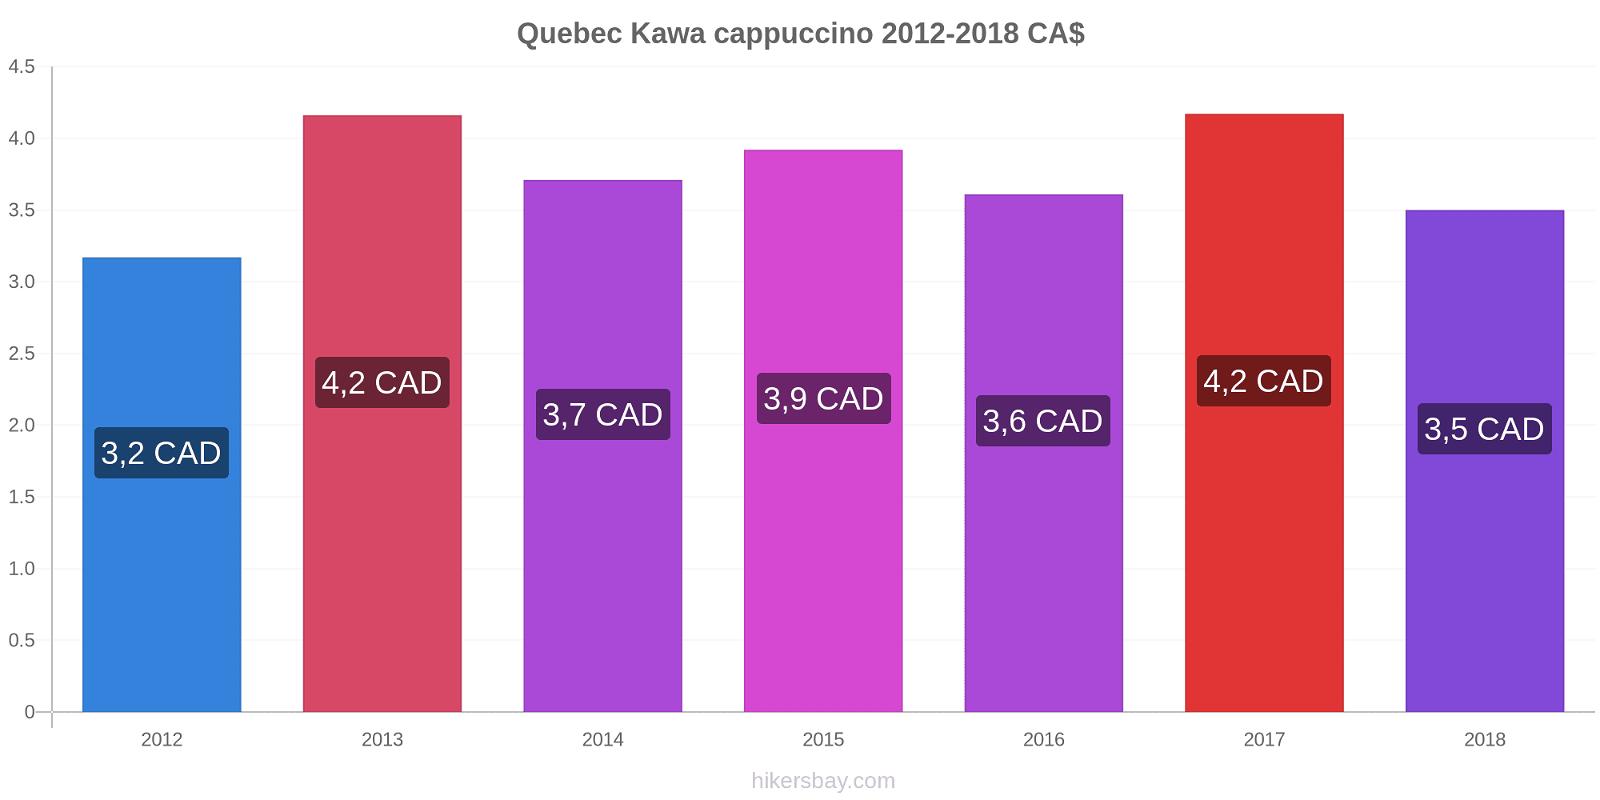 Quebec zmiany cen Kawa cappuccino hikersbay.com